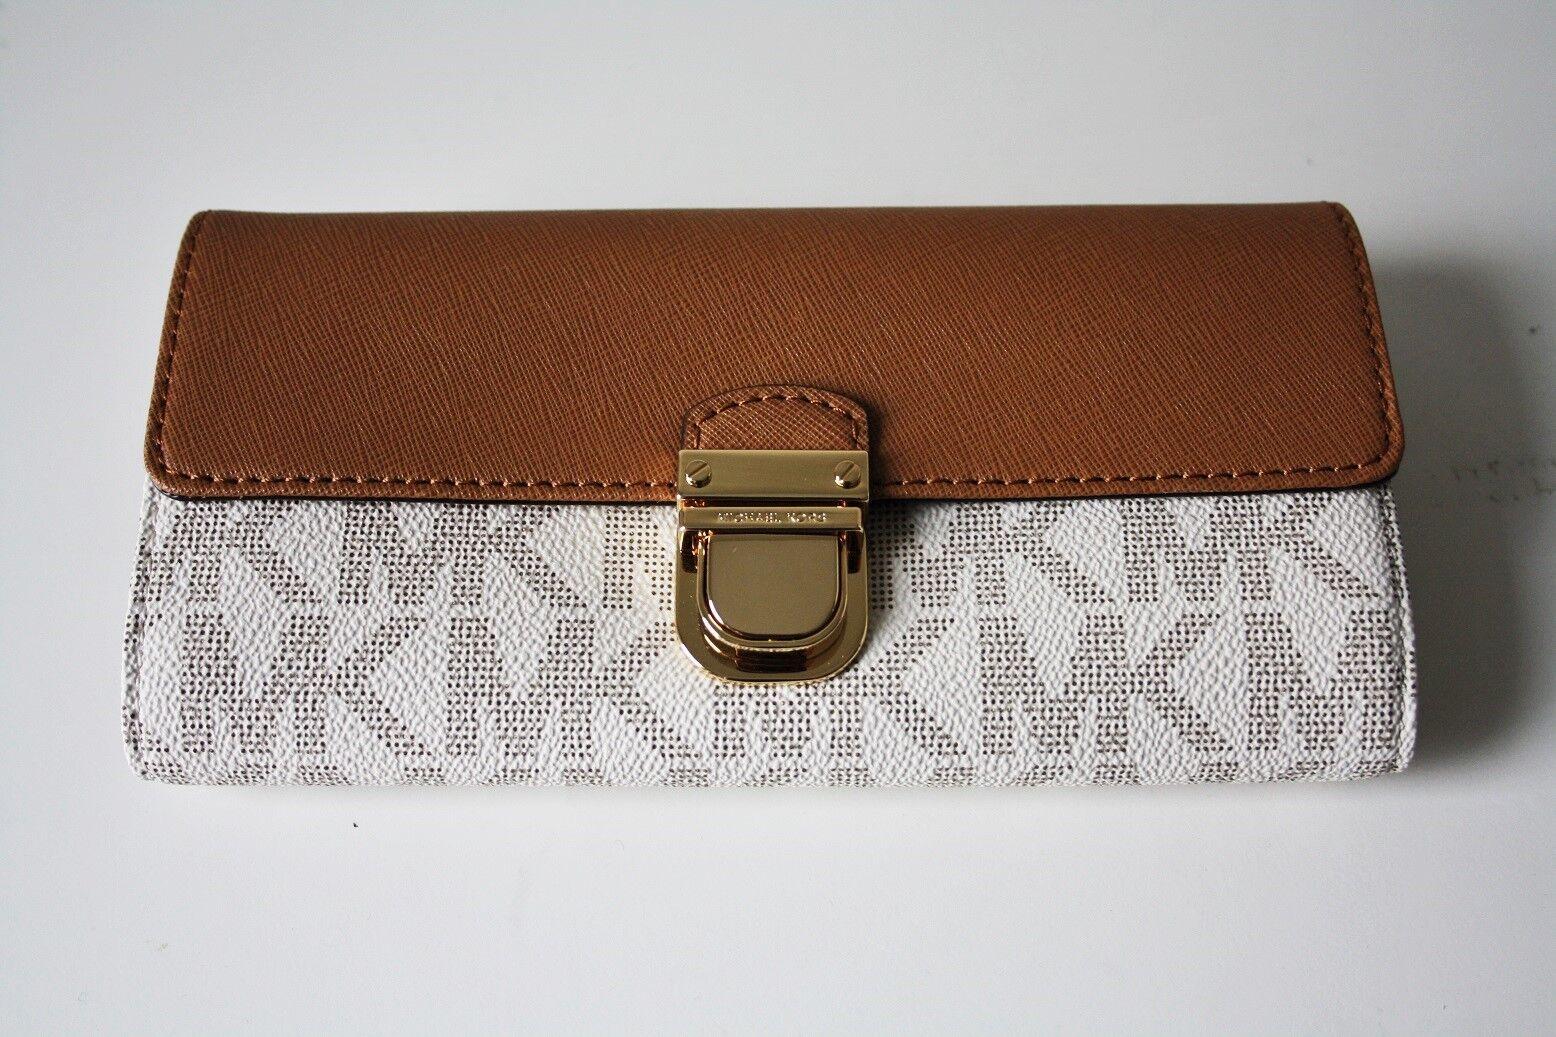 47dd68d628788e Michael Kors Signature PVC & Leather Bridgette Flap Wallet Brn/plum ...